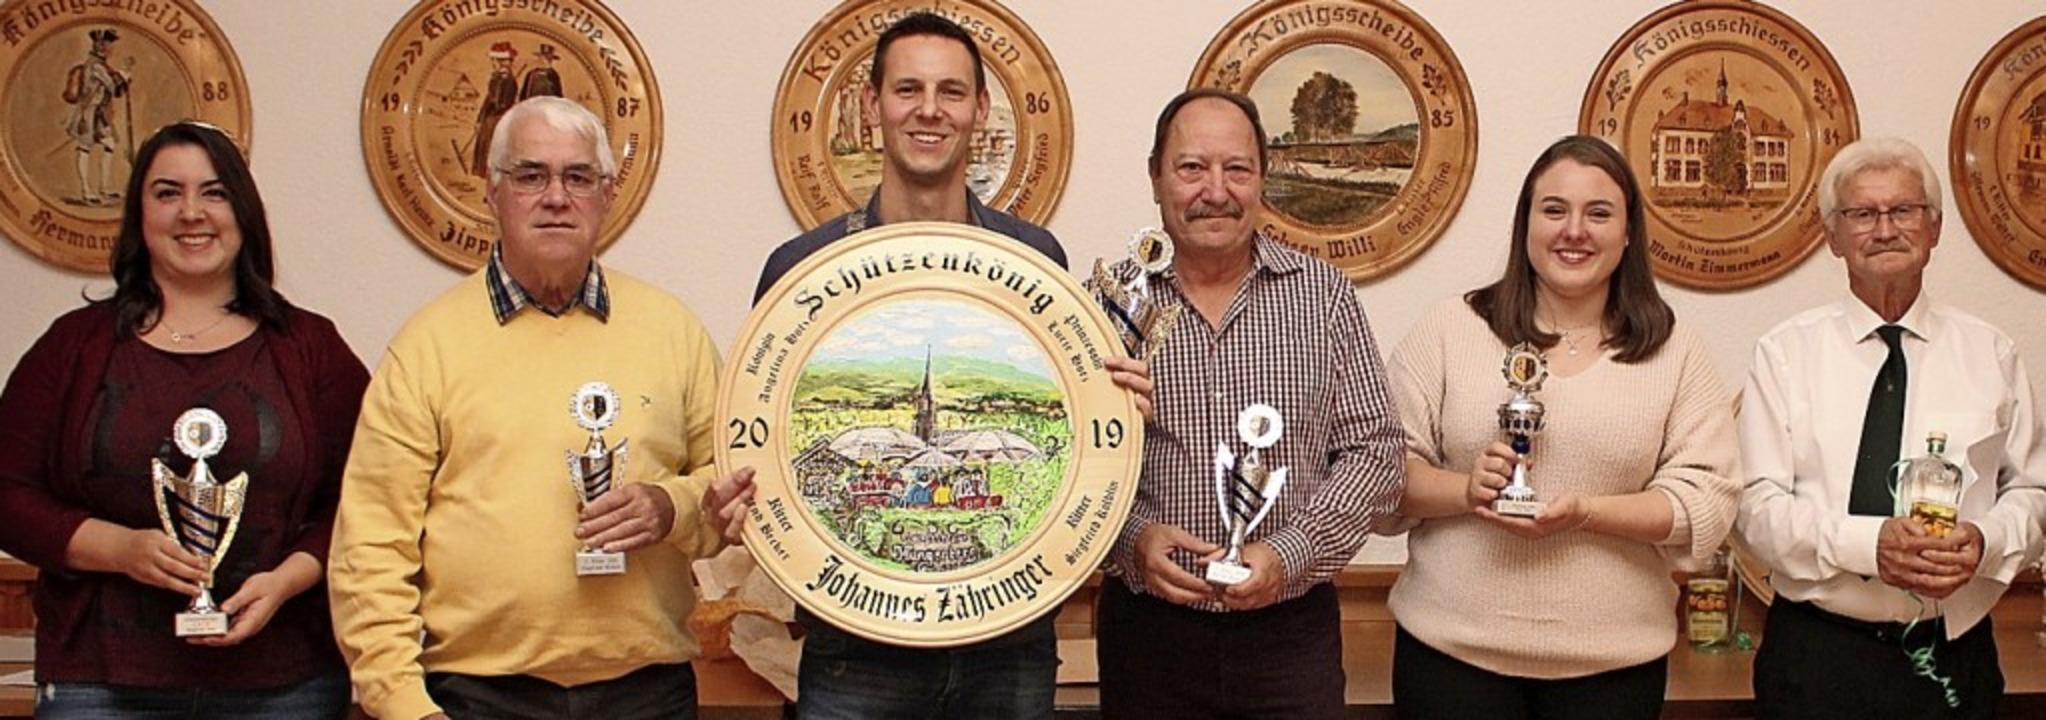 Freuen sich über ihre Preise: Schützen...z, Gewinner des Schnapses Hans Frosch.  | Foto: privat